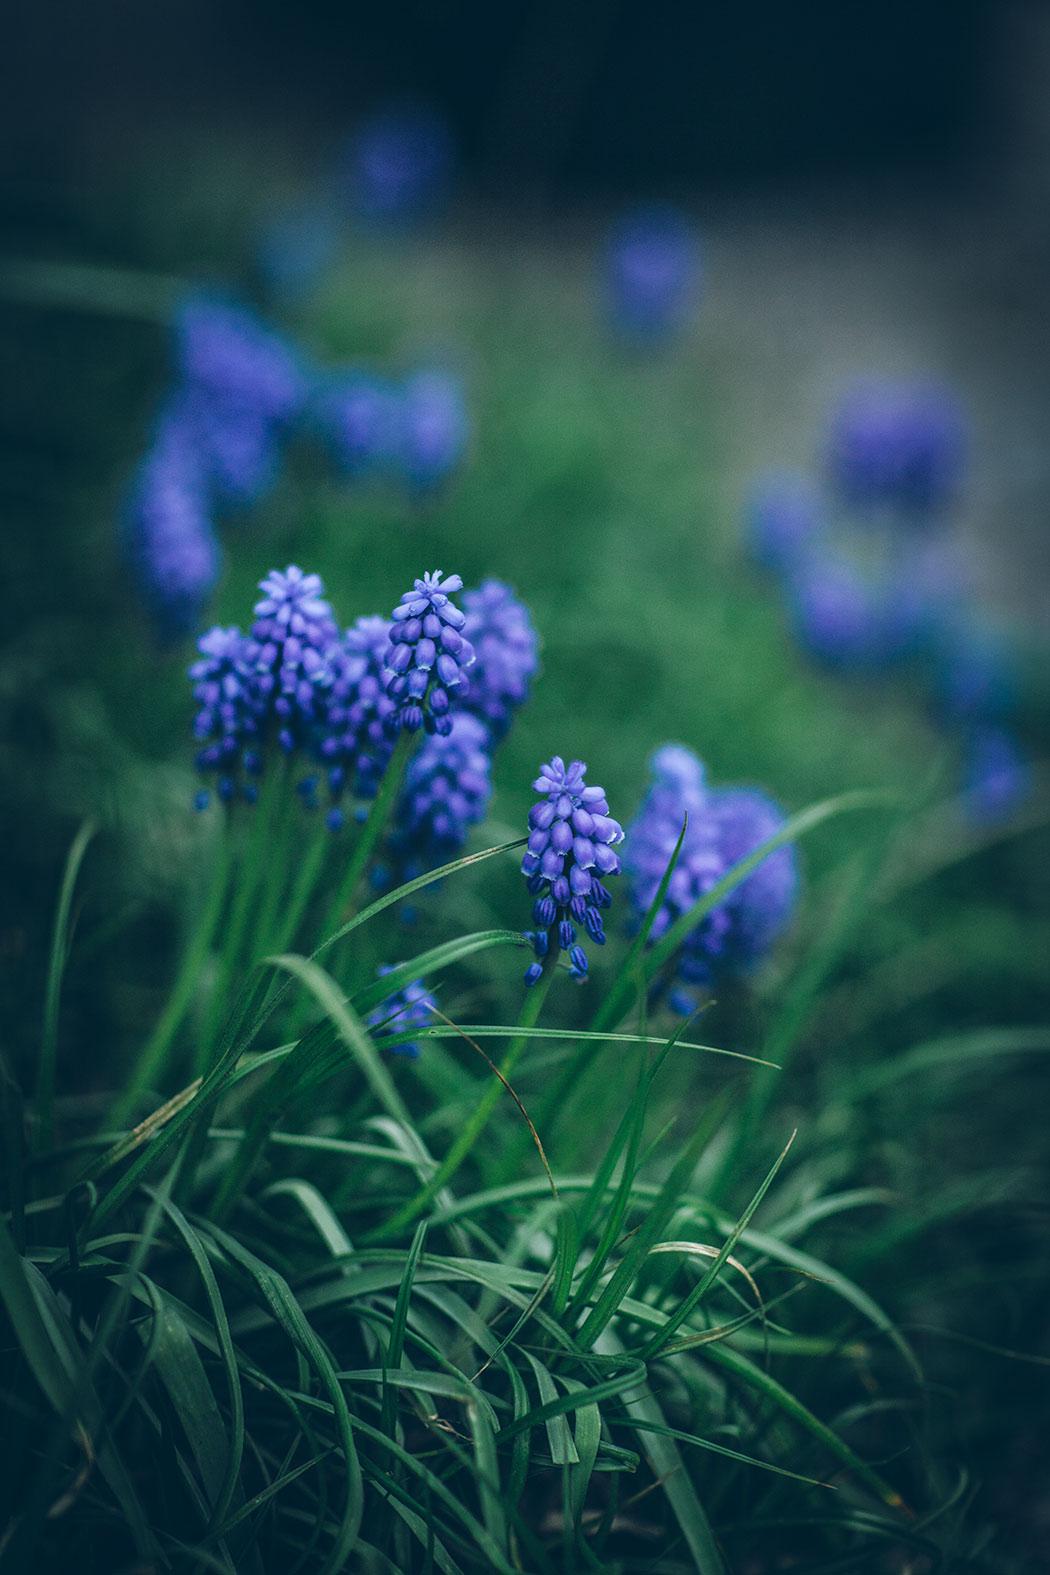 szafirki w ogrodzie wiosną